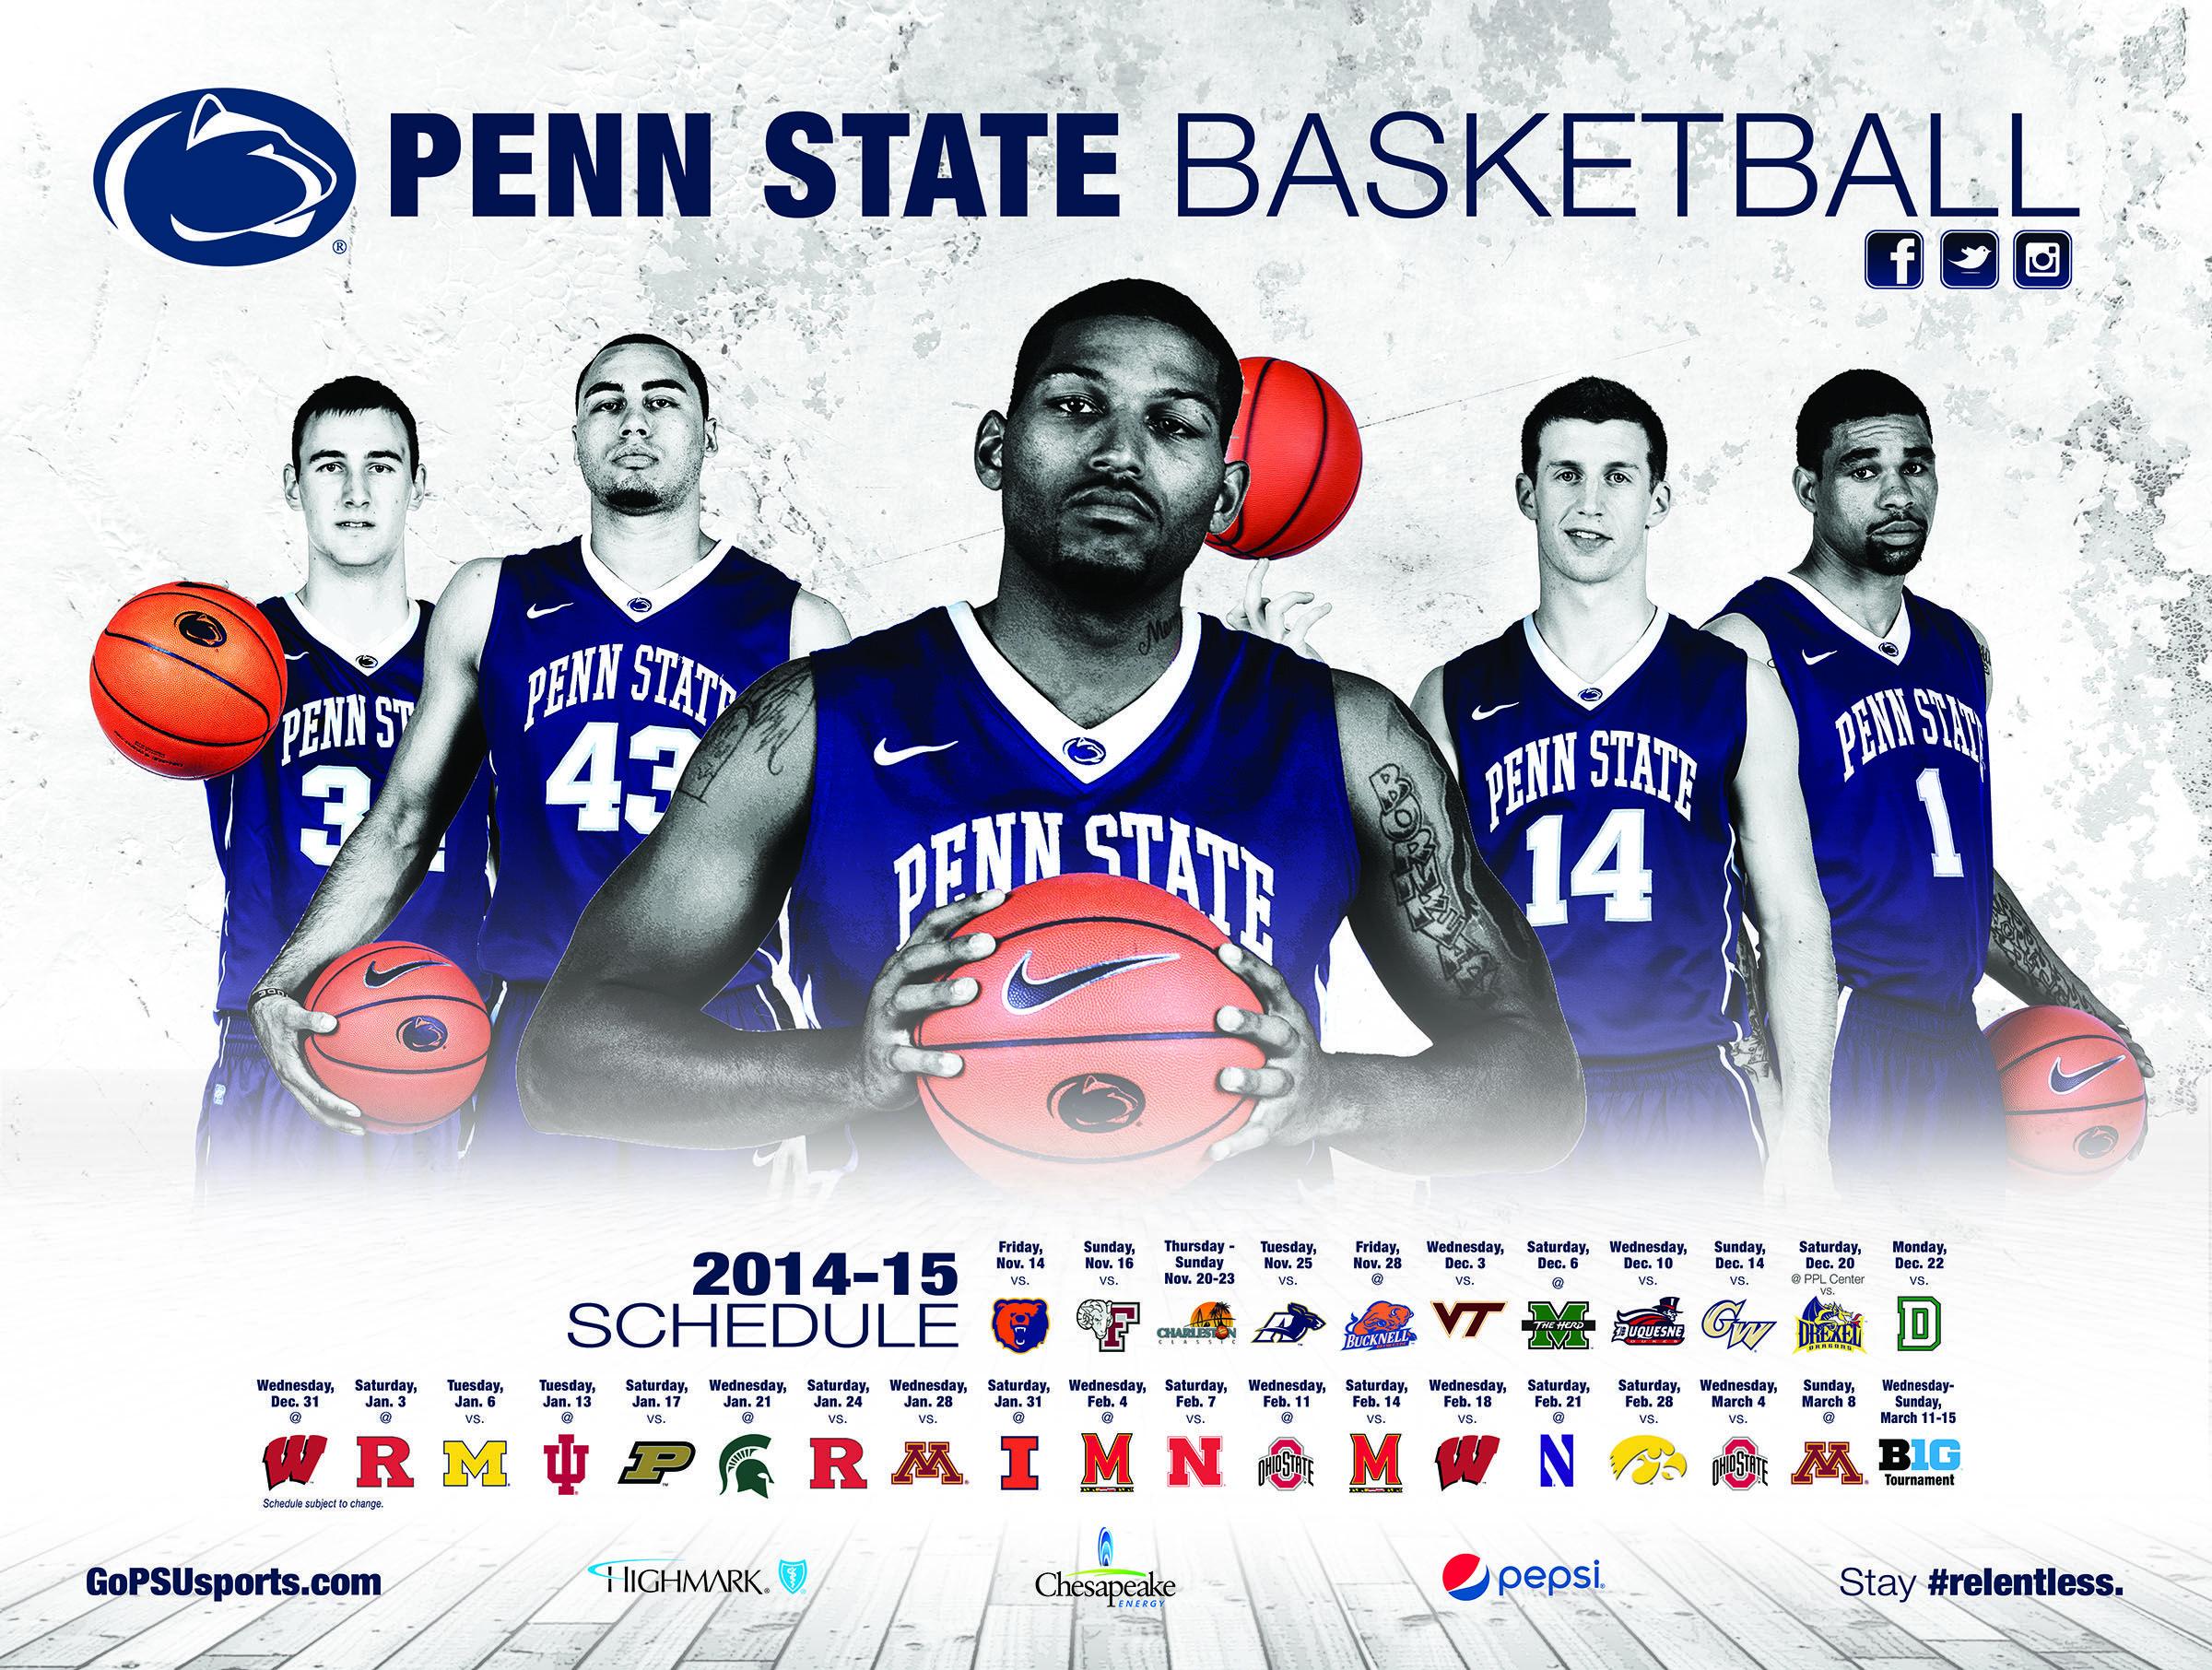 penn state basketball schedule poster #baller   design geek